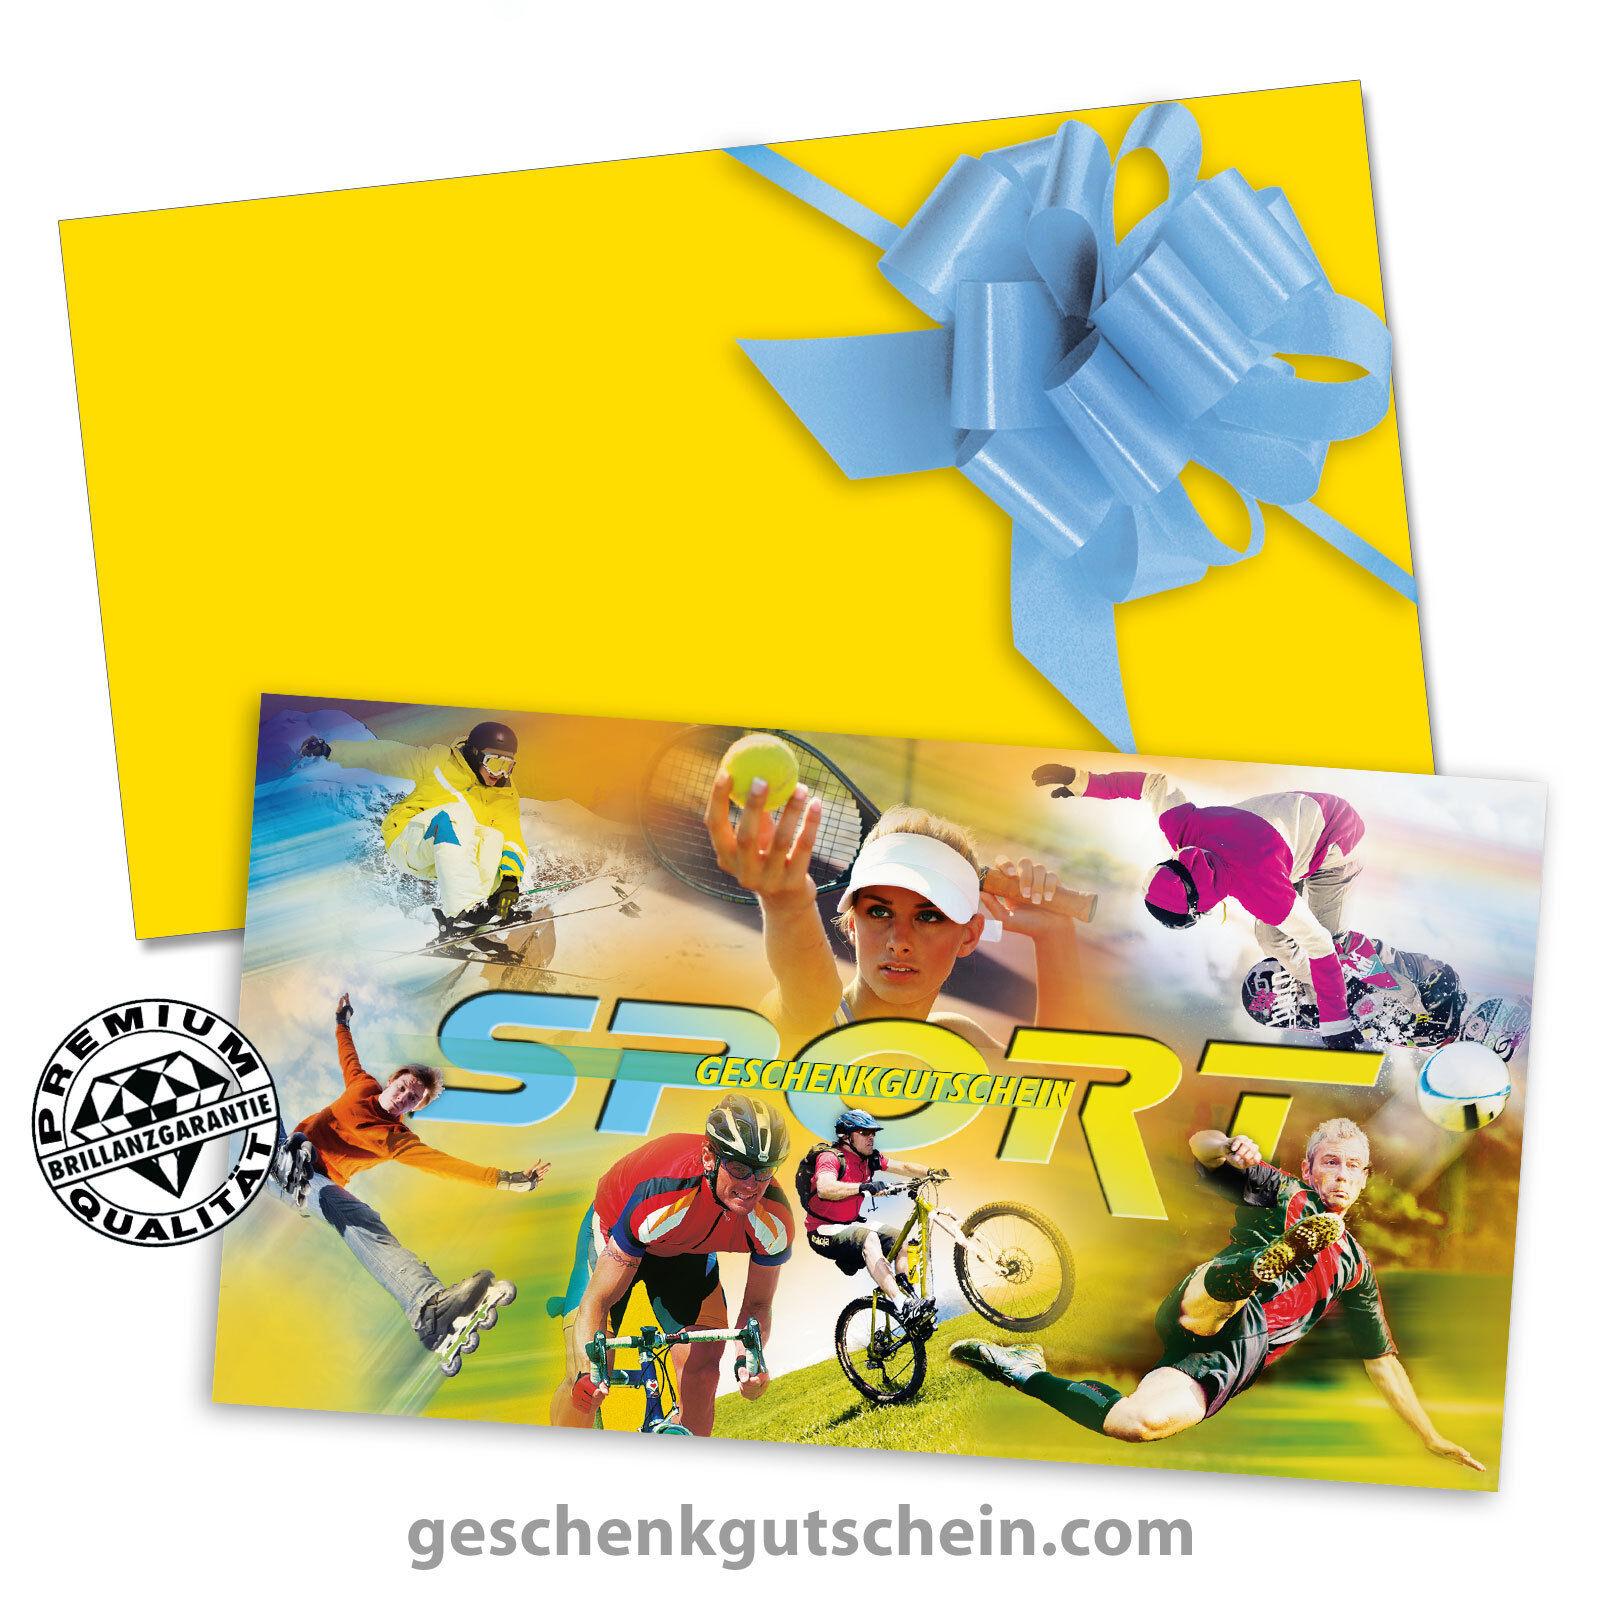 Gutscheinkarten mit KuGrüns und Schleifen für den Sportfachhandel SP1228